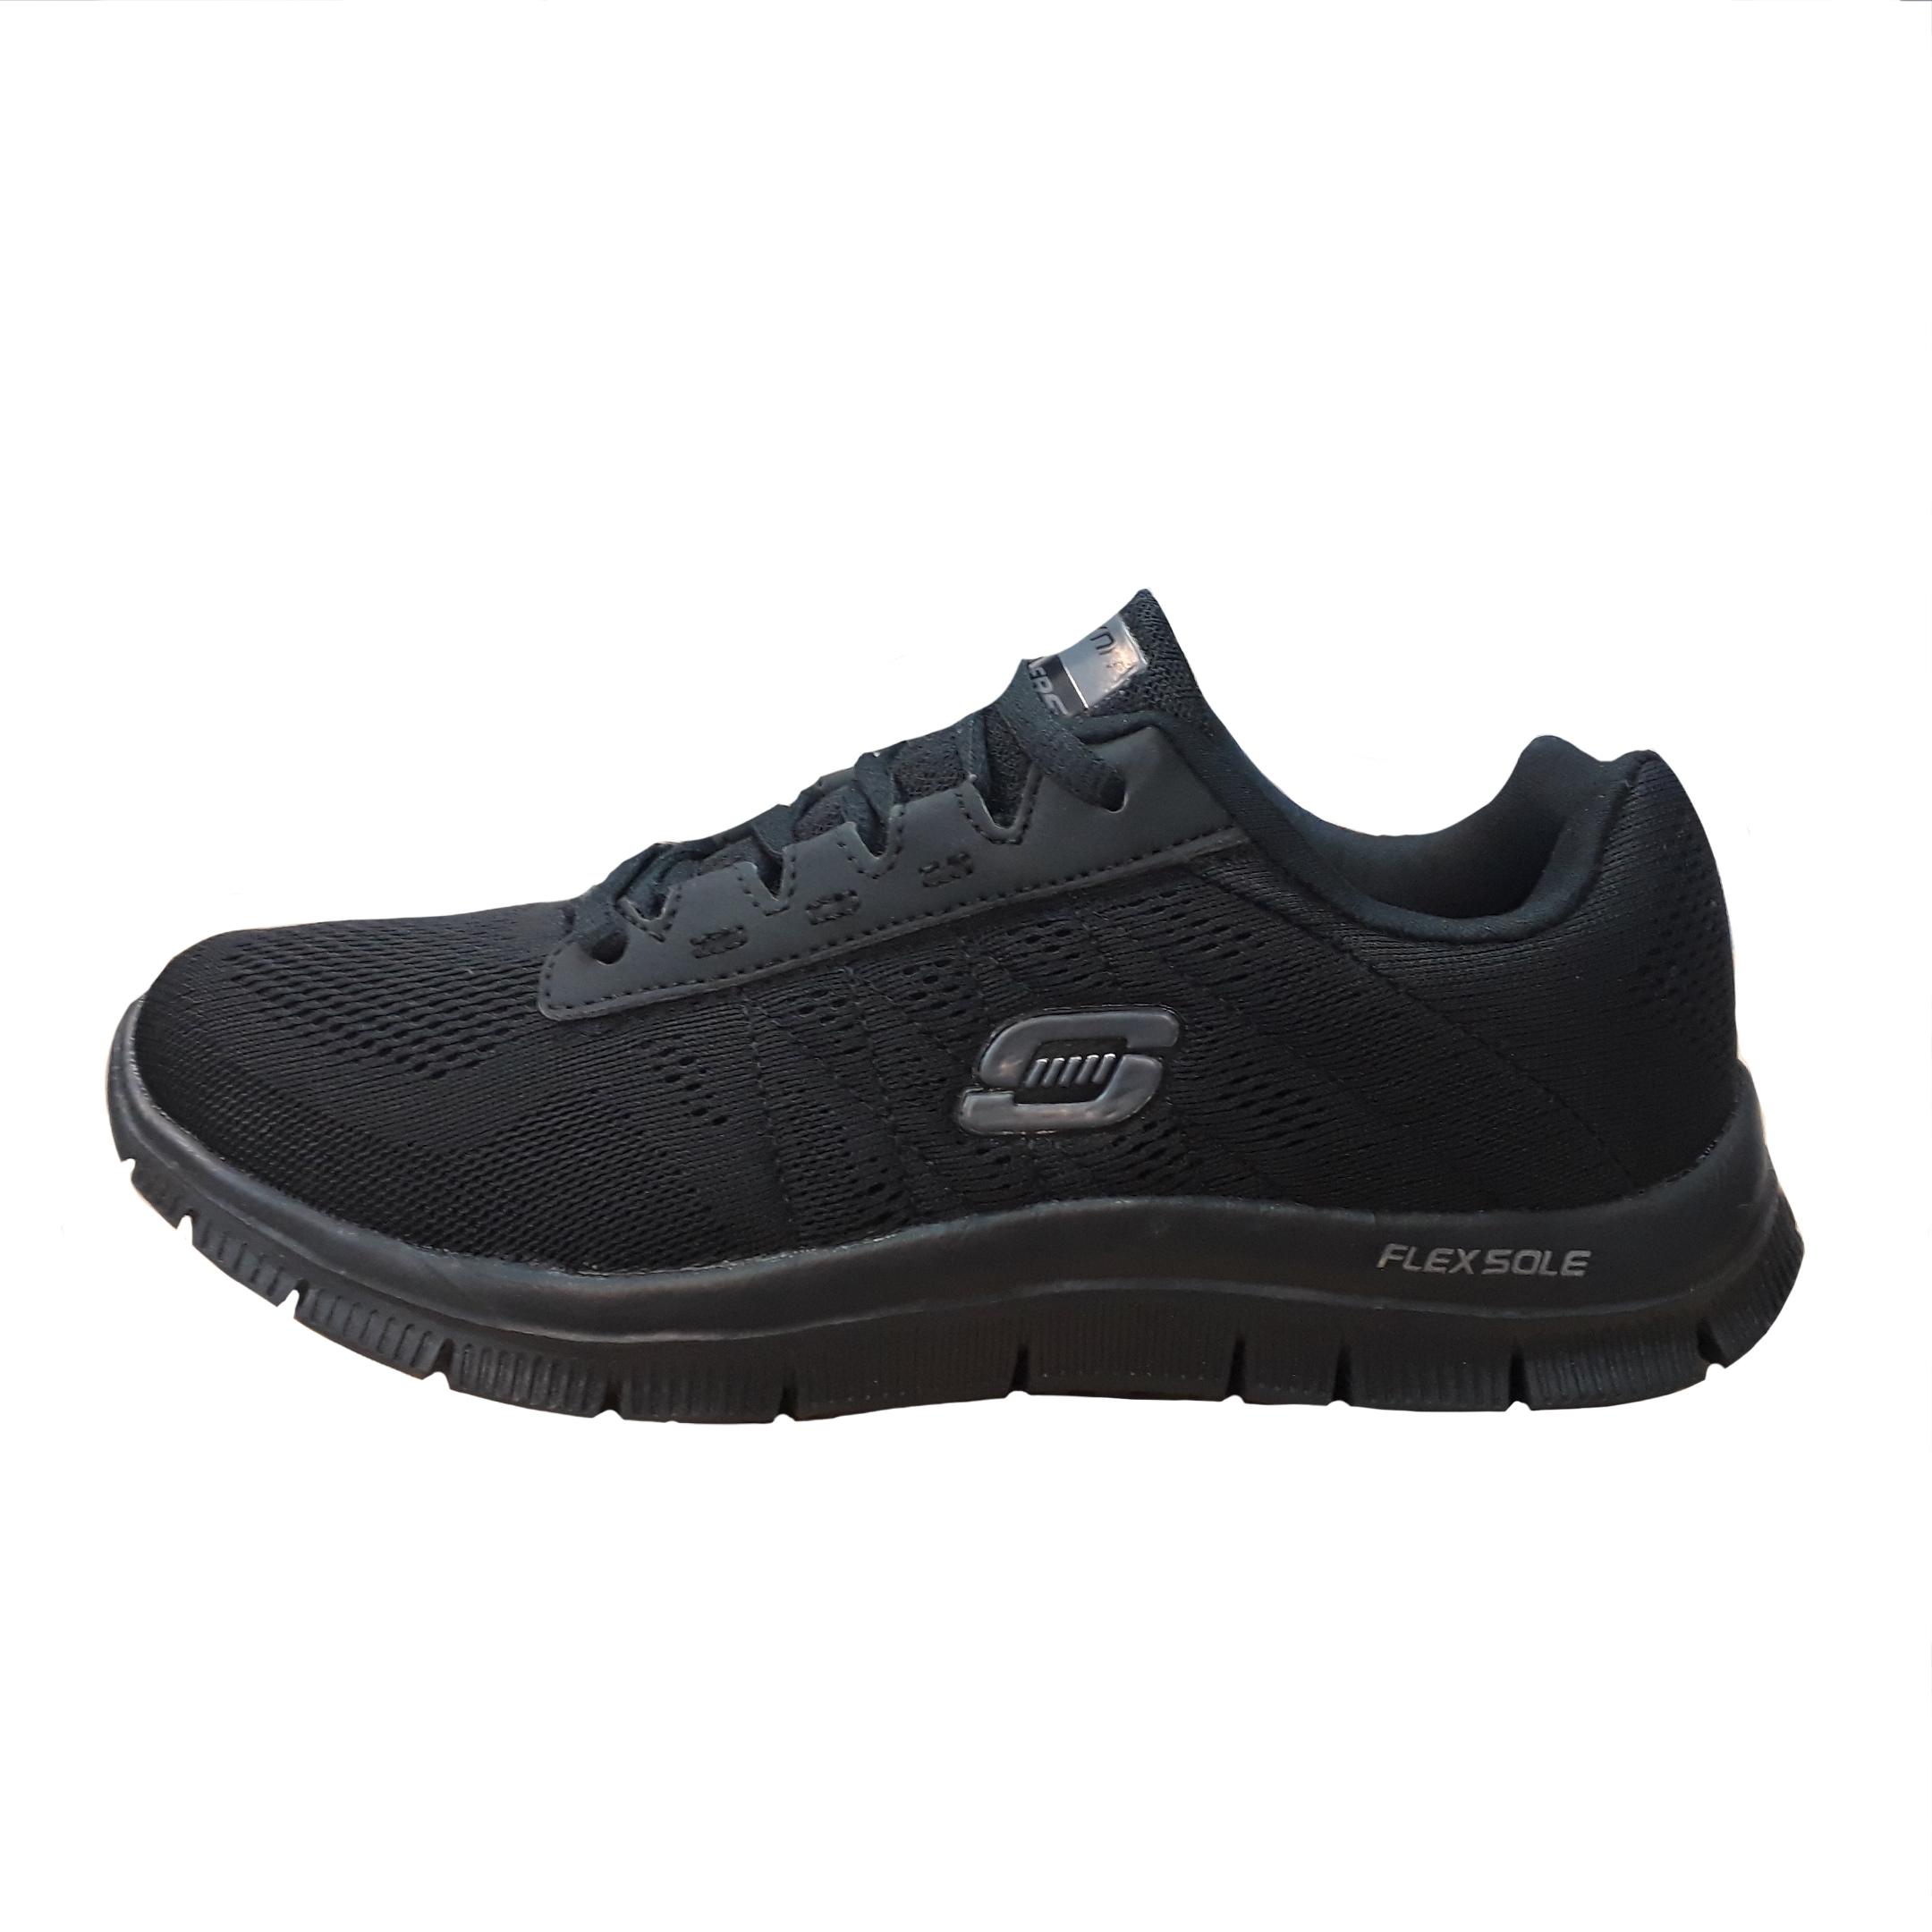 کفش مخصوص پیاده روی زنانه اسکچرز مدل Flexsole